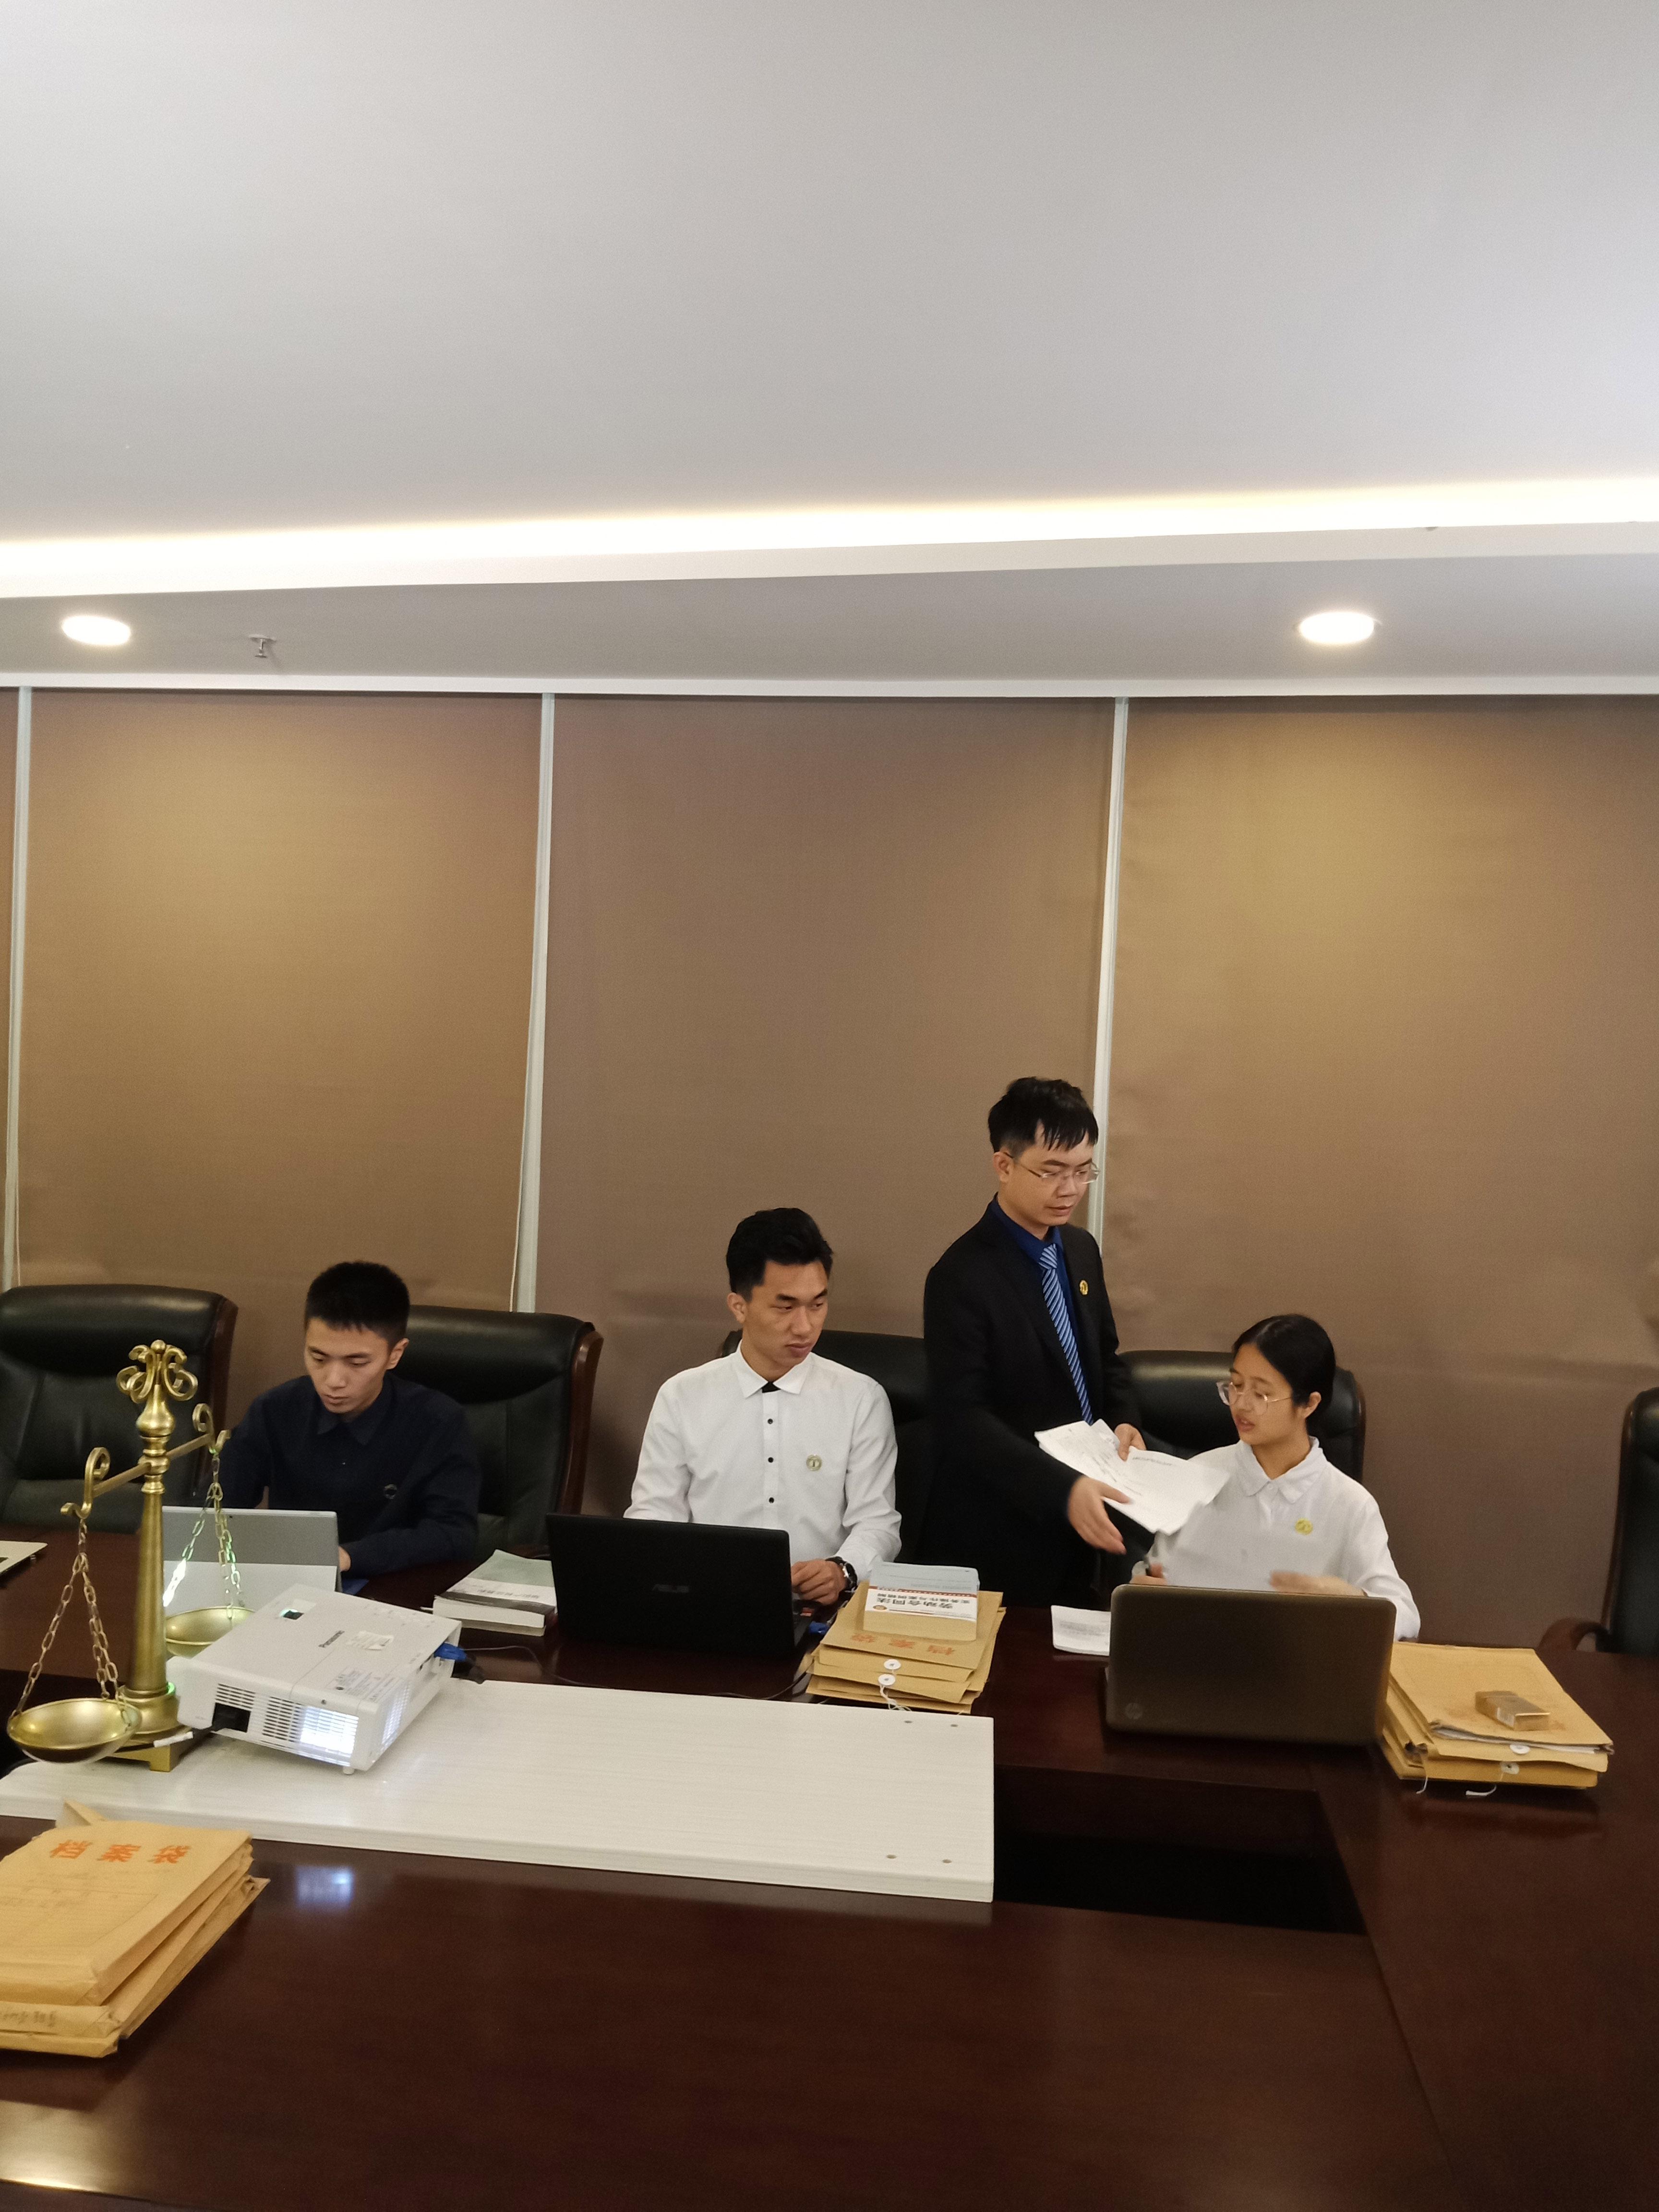 马律师团队拍摄宣传片